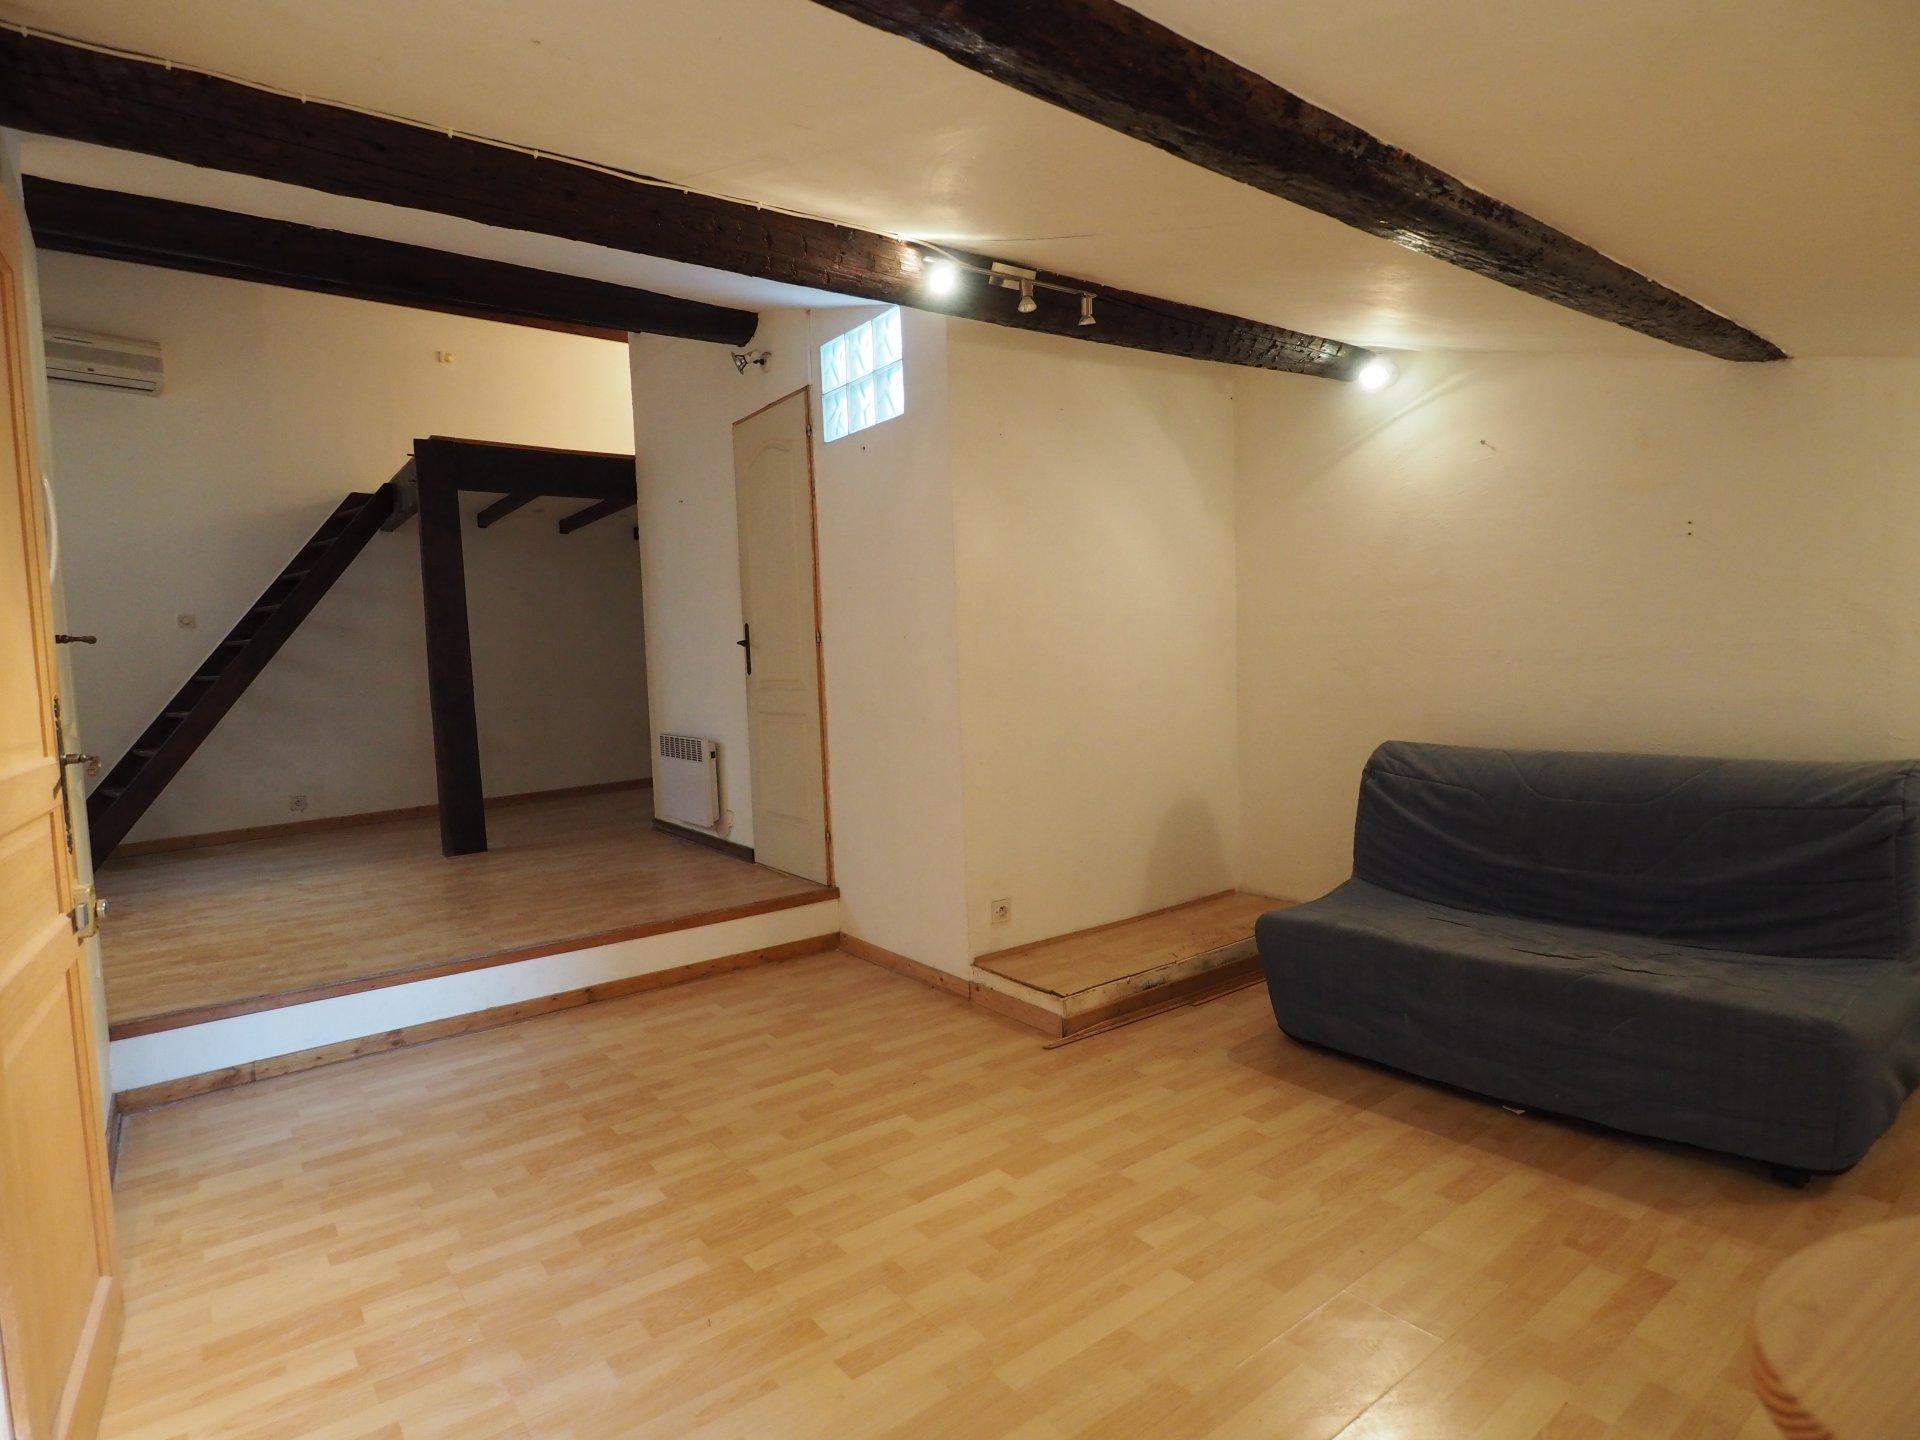 Location appartement T1-2 La Ciotat